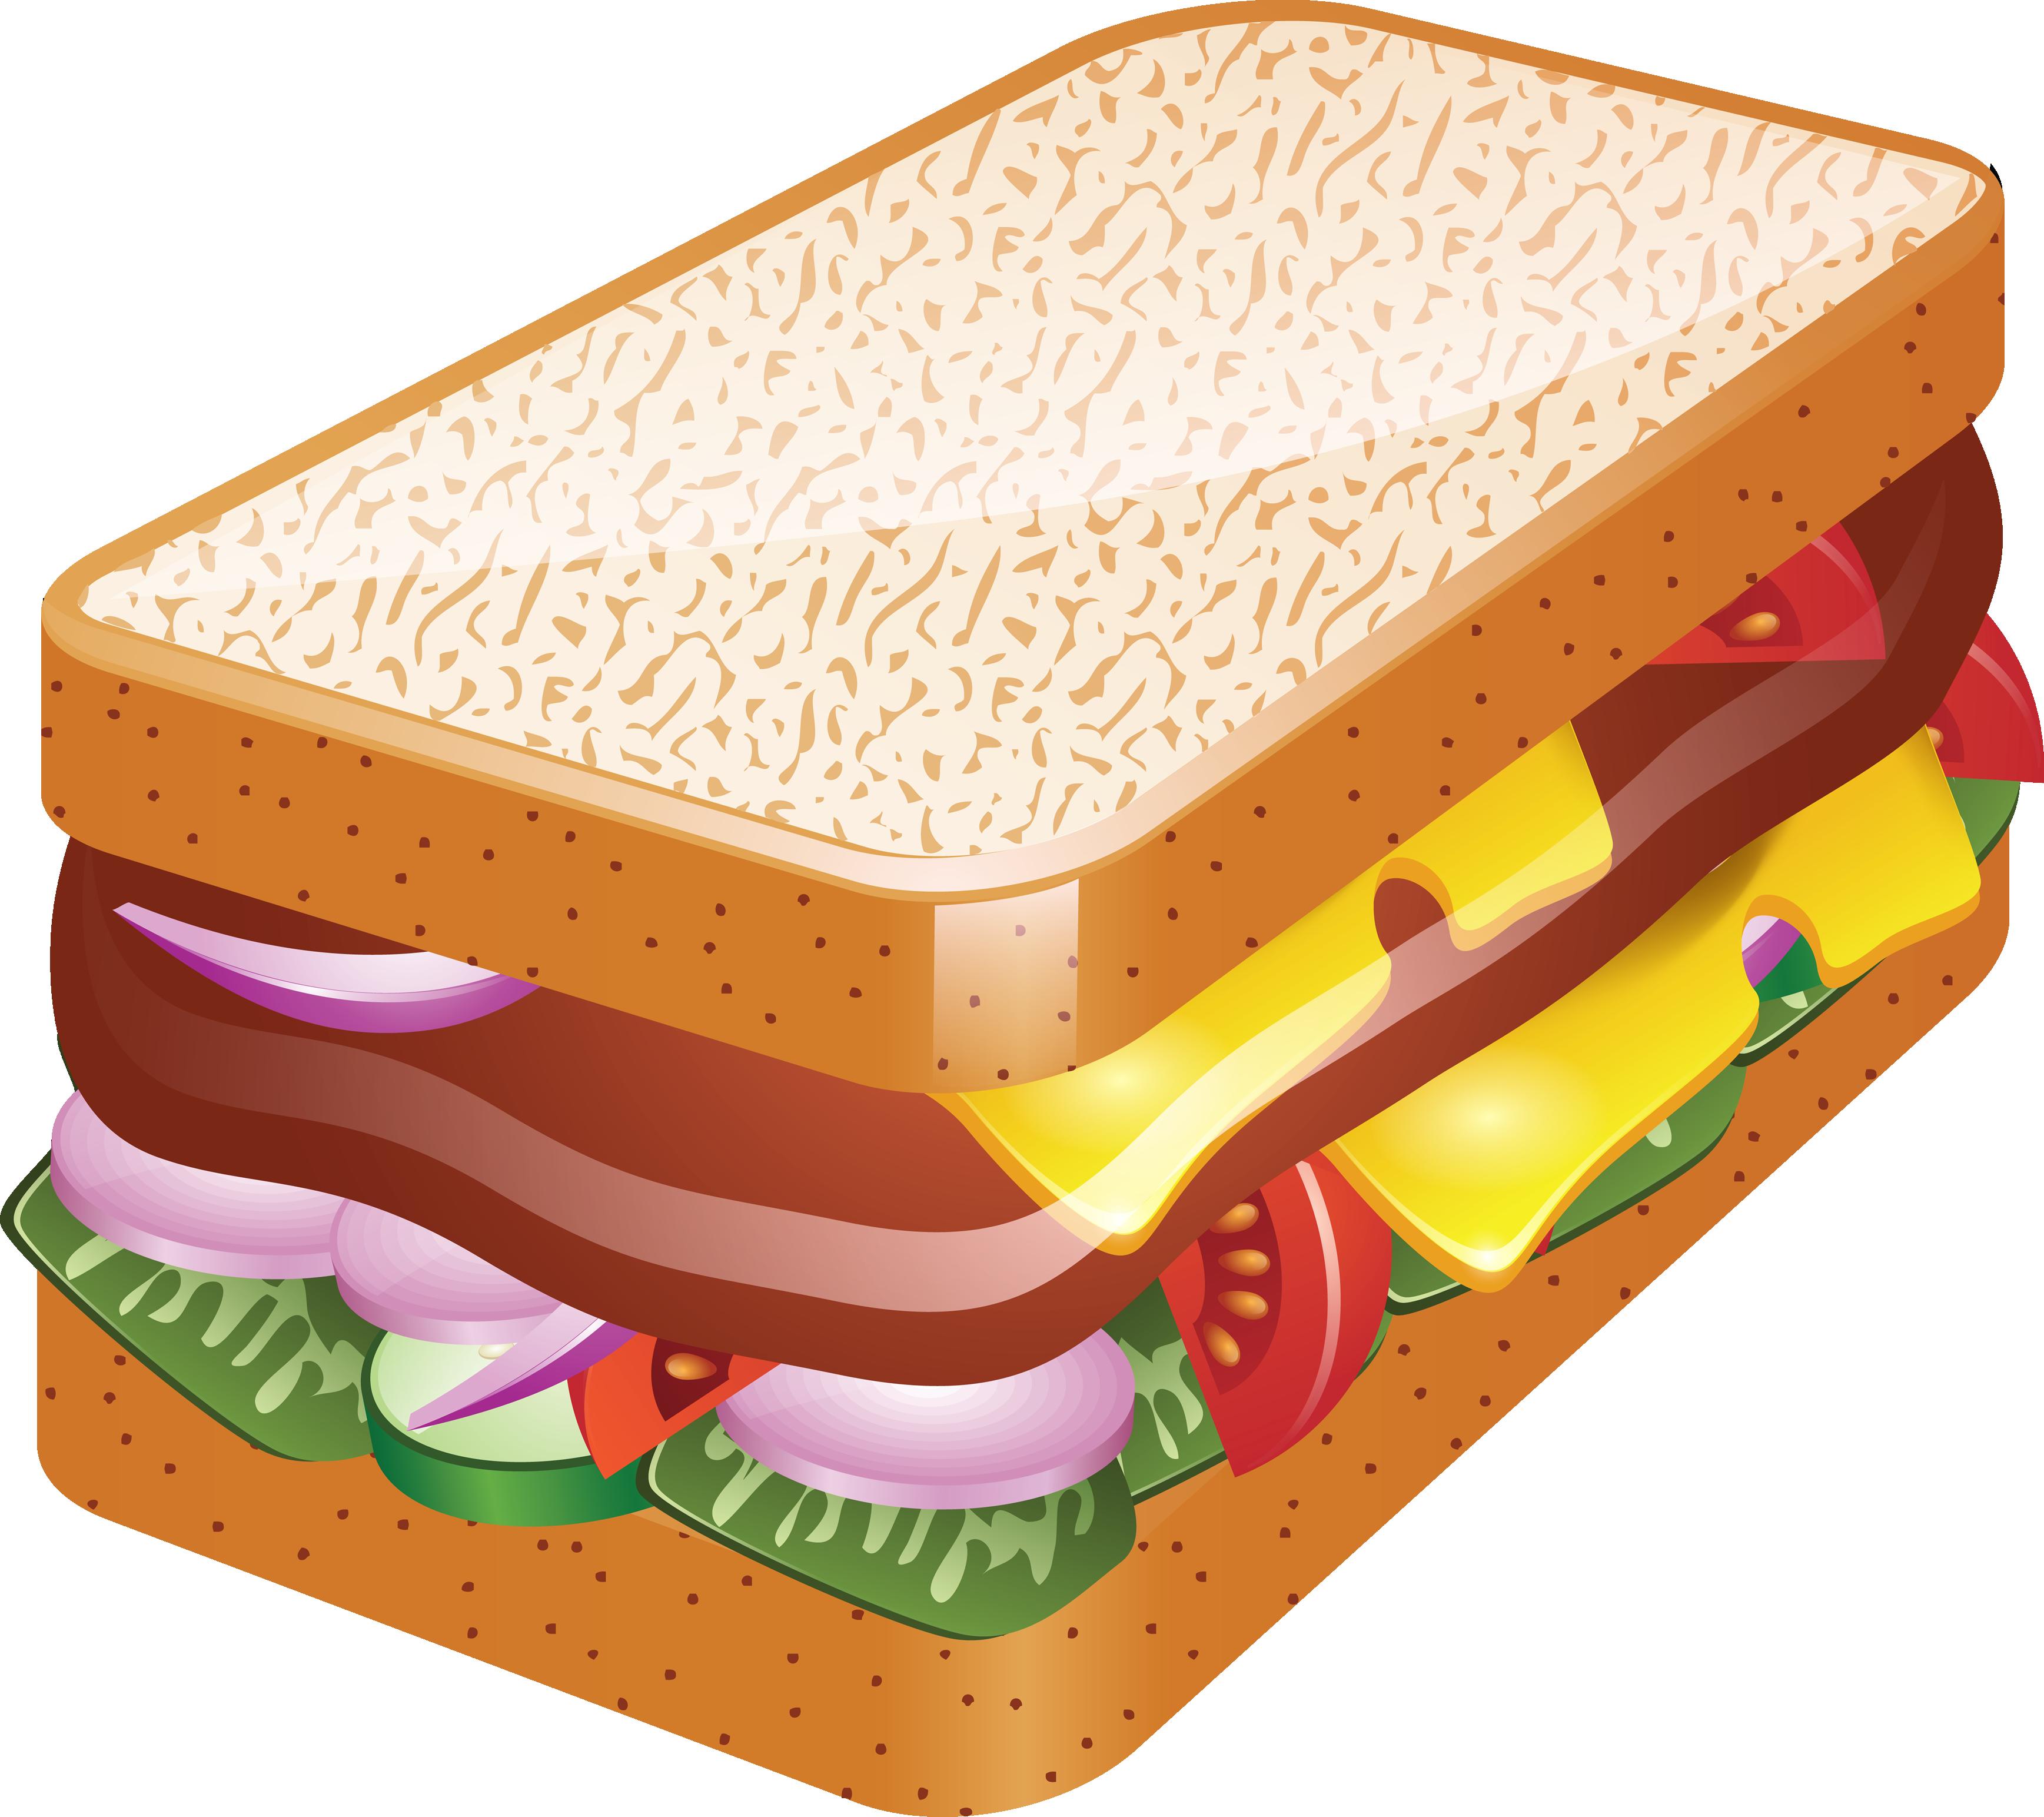 Sandwich Clip Art Free.